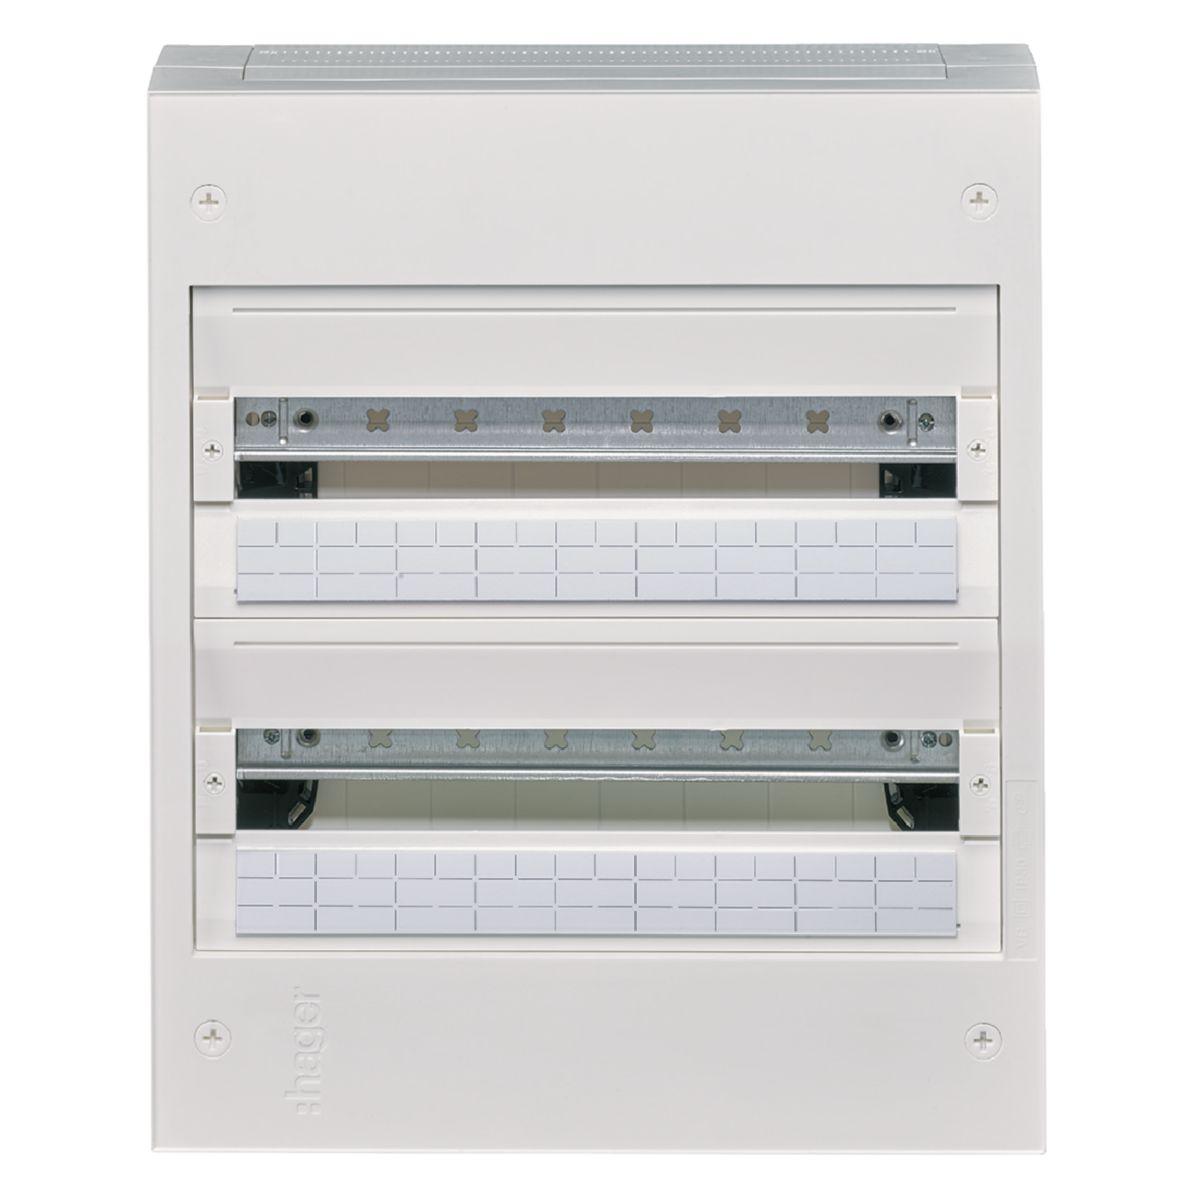 Coffret vega 18 modules 2R Réf. VB218A